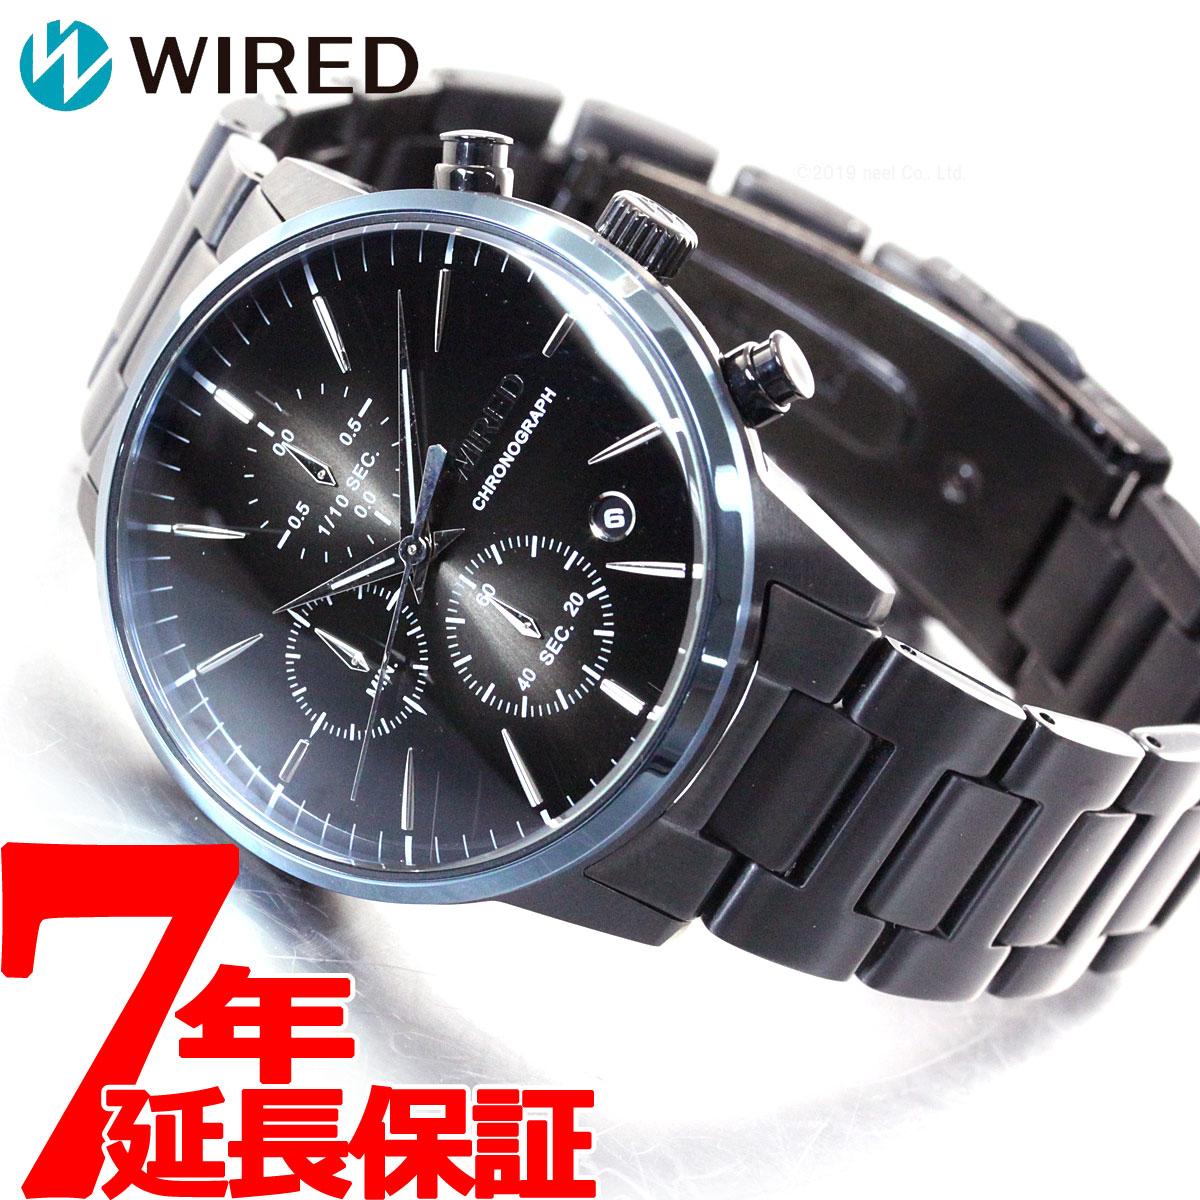 セイコー ワイアード SEIKO WIRED neel限定 メンズノンノ WEB掲載モデル 腕時計 メンズ TOKYO SORA AGAT737